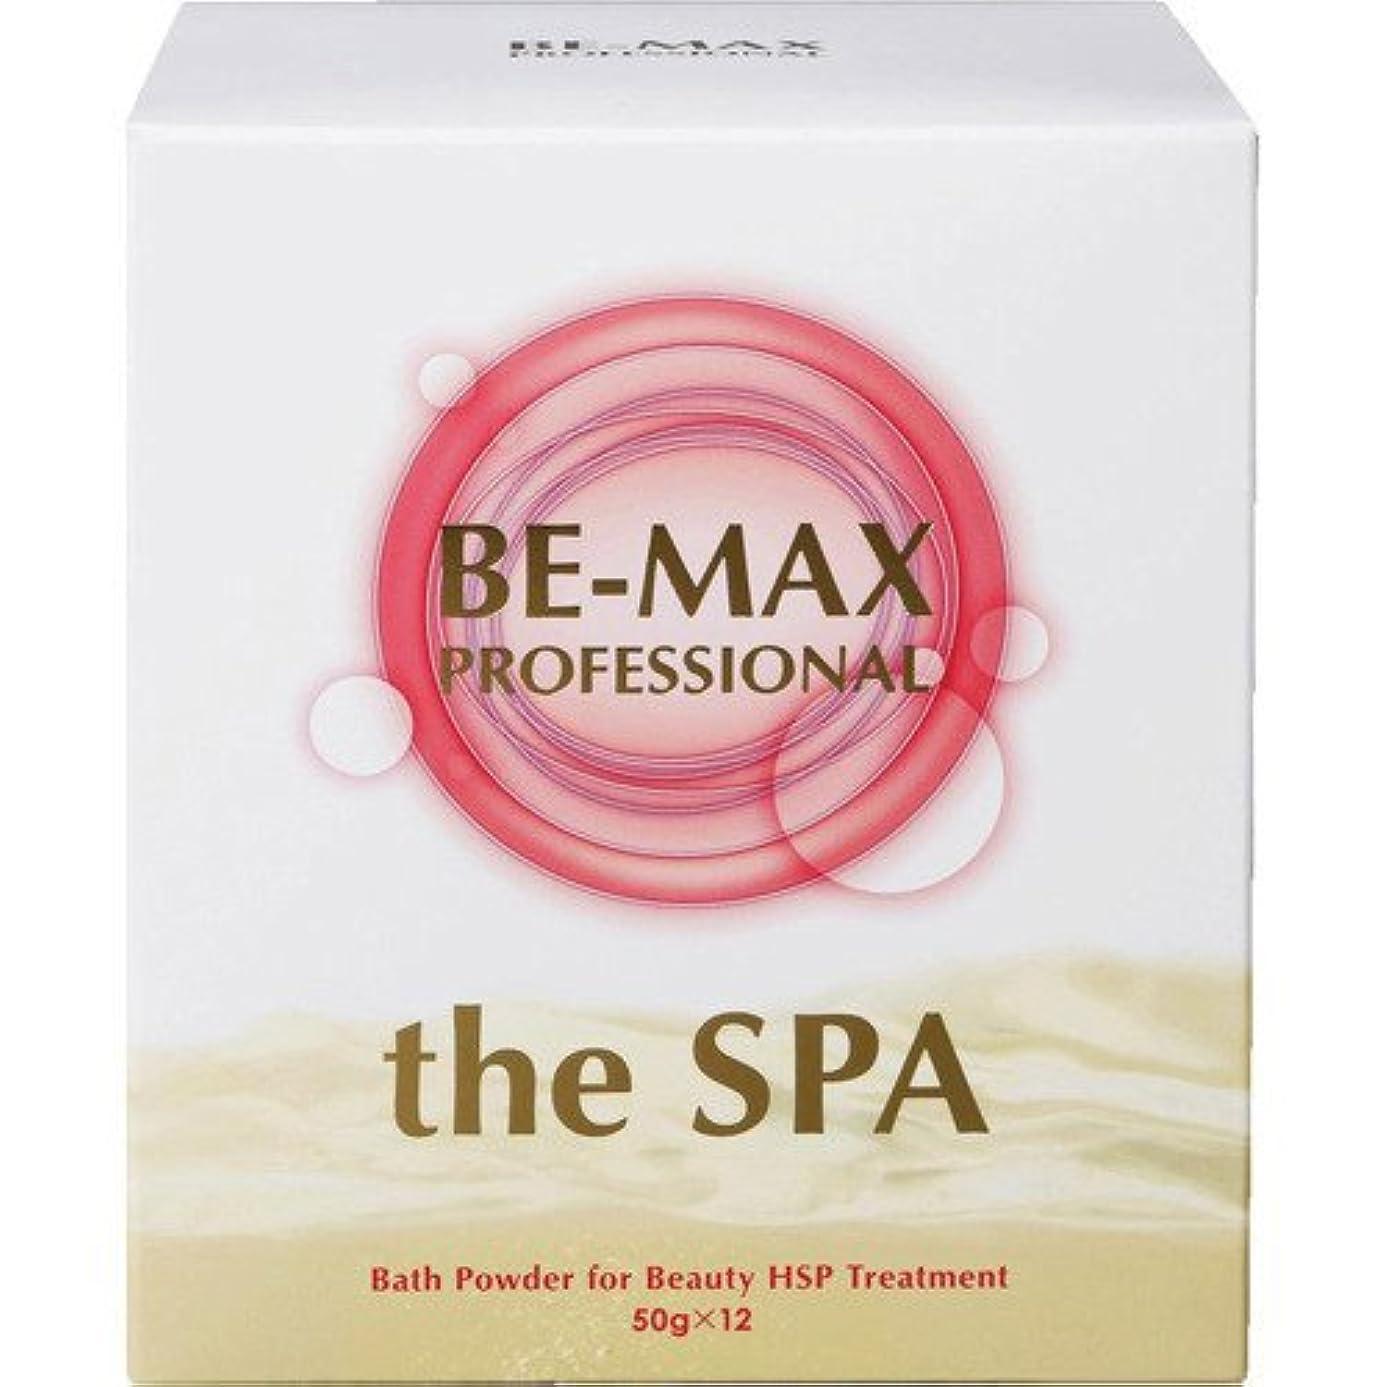 能力盗賊マナーBE-MAX PROFESSIONAL the SPA(ザ?スパ) ビーマックスプロフェッショナル ザ?スパ バスパウダー 50gx12包 (4571132621587)